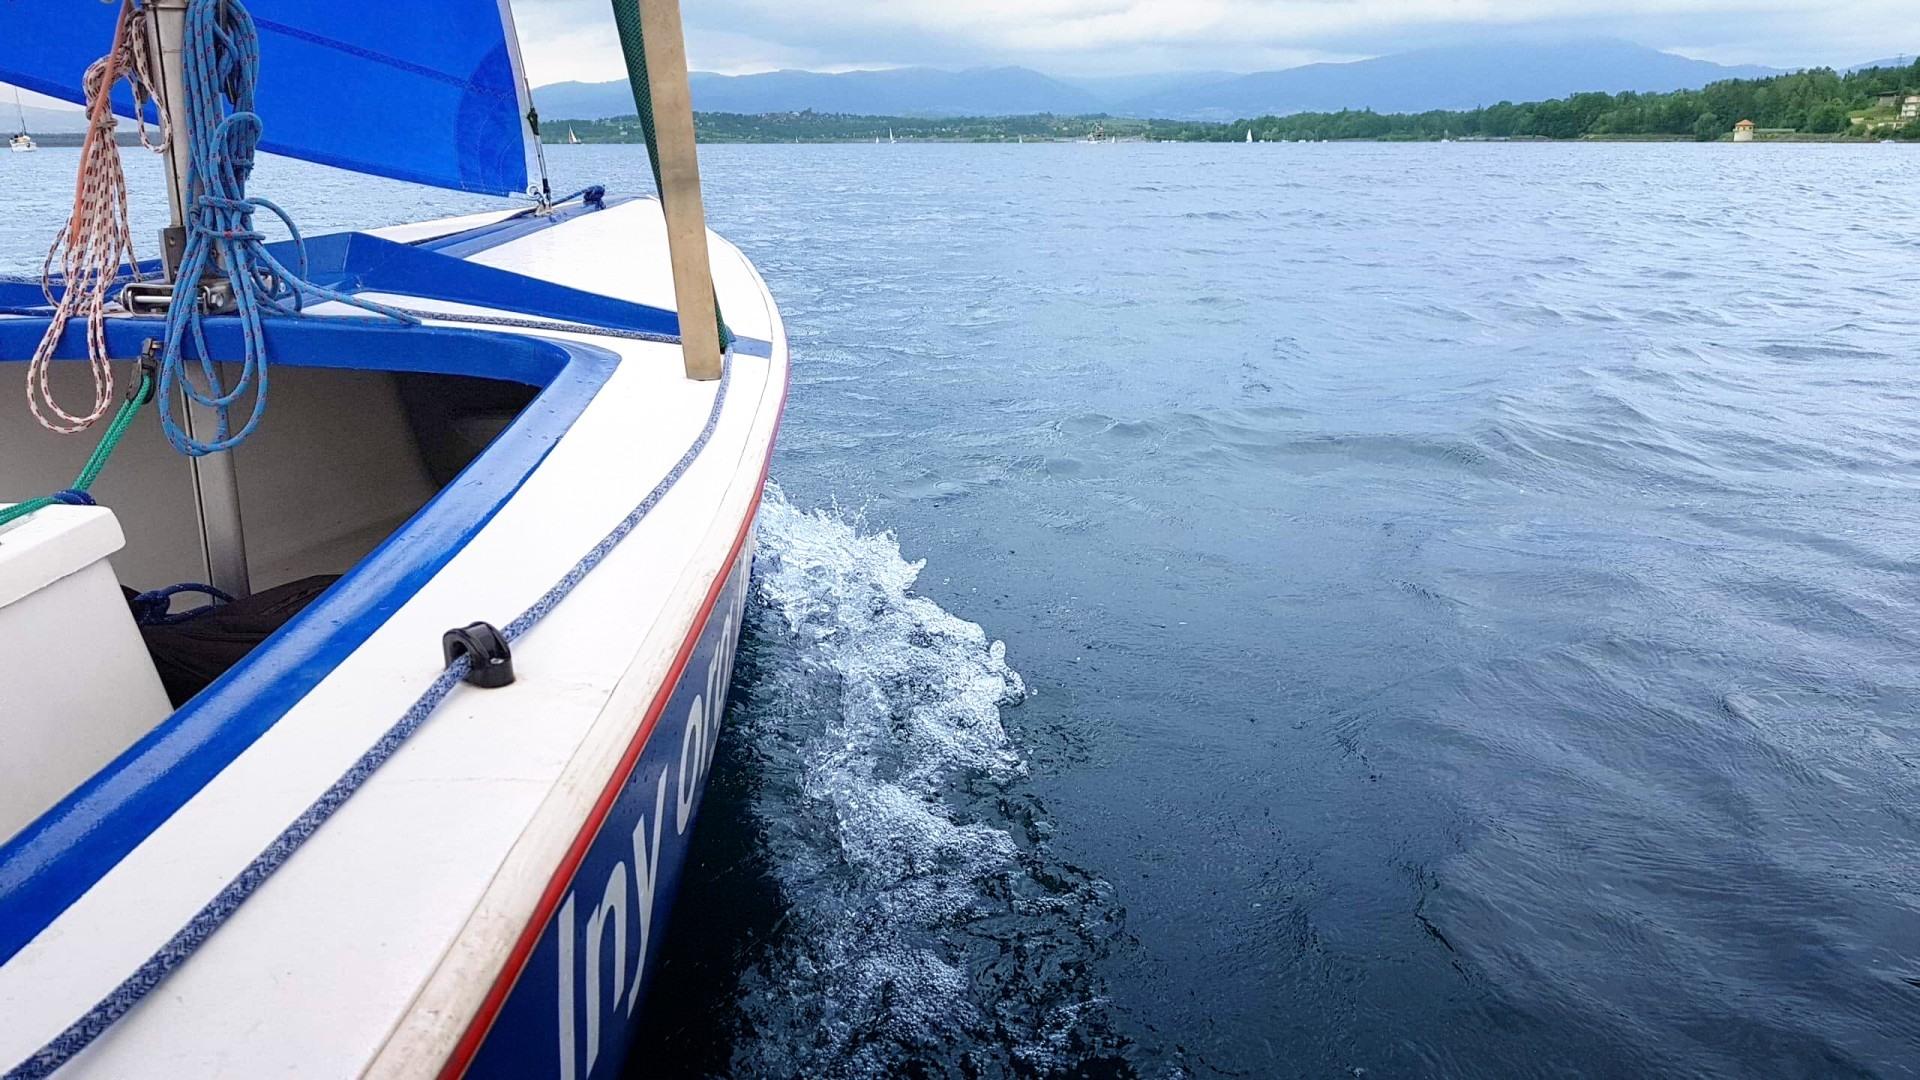 Jezioro Żywieckie noclegi, żaglówki, niezapomniana atrakcja w pobliżu noclegów w domkach blisko jeziora